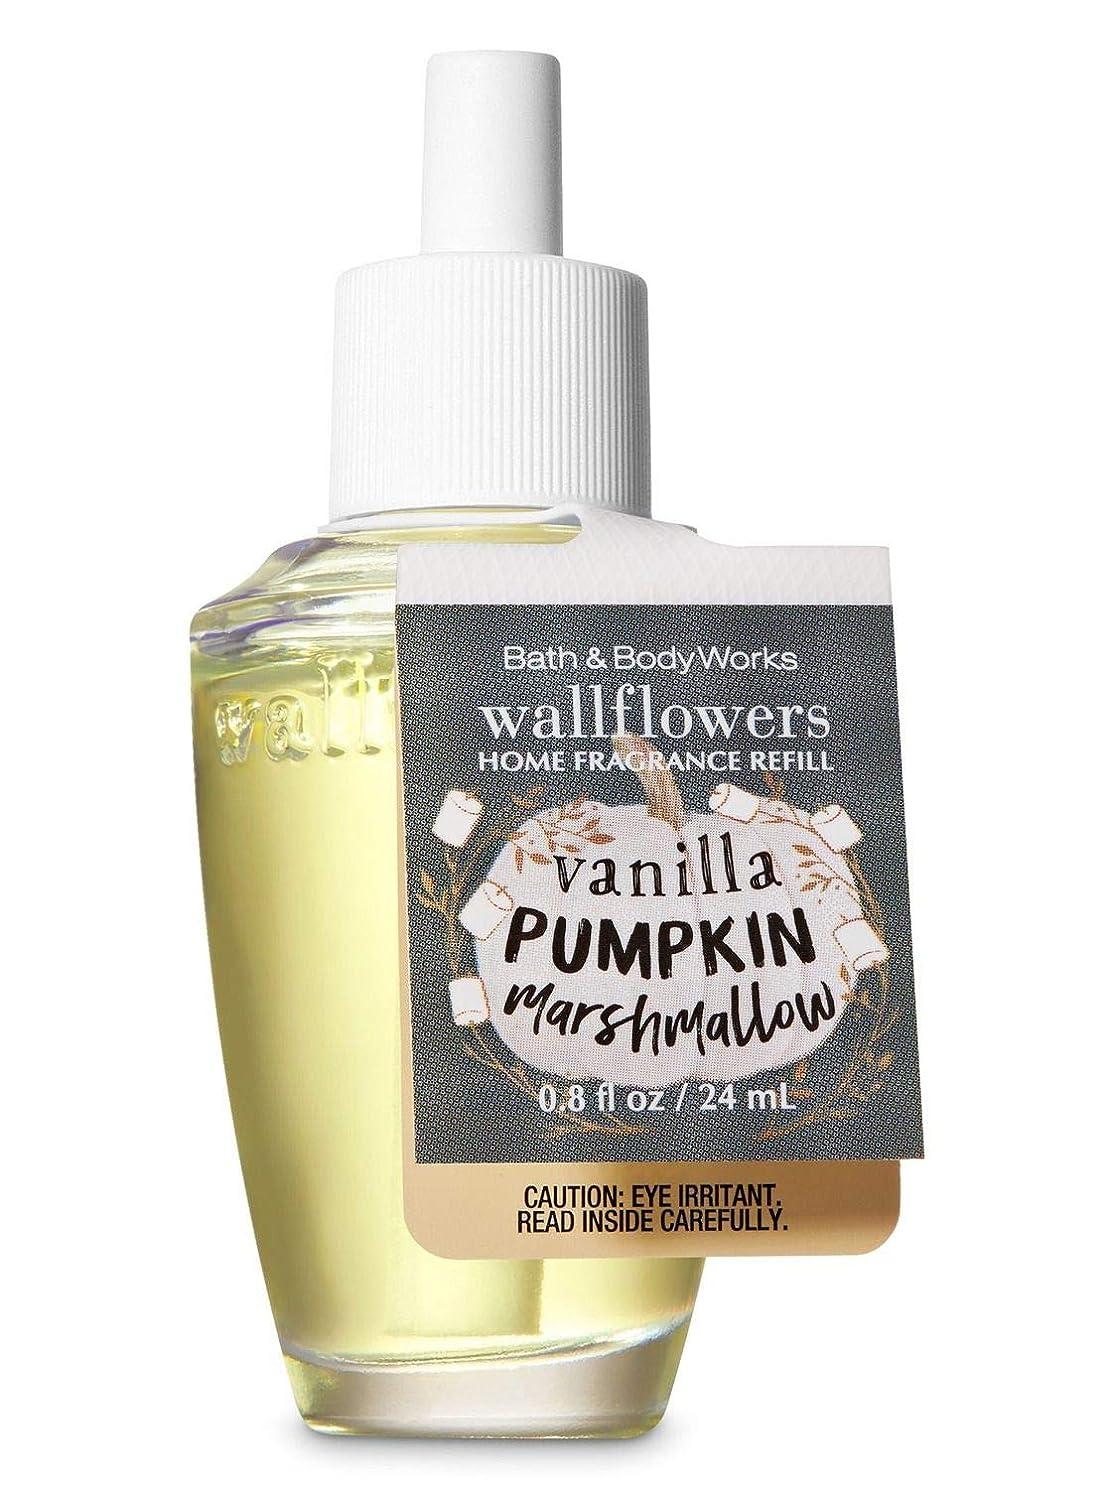 書店かんたんソーシャル【Bath&Body Works/バス&ボディワークス】 ルームフレグランス 詰替えリフィル バニラパンプキンマシュマロ Wallflowers Home Fragrance Refill Vanilla Pumpkin Marshmallow [並行輸入品]